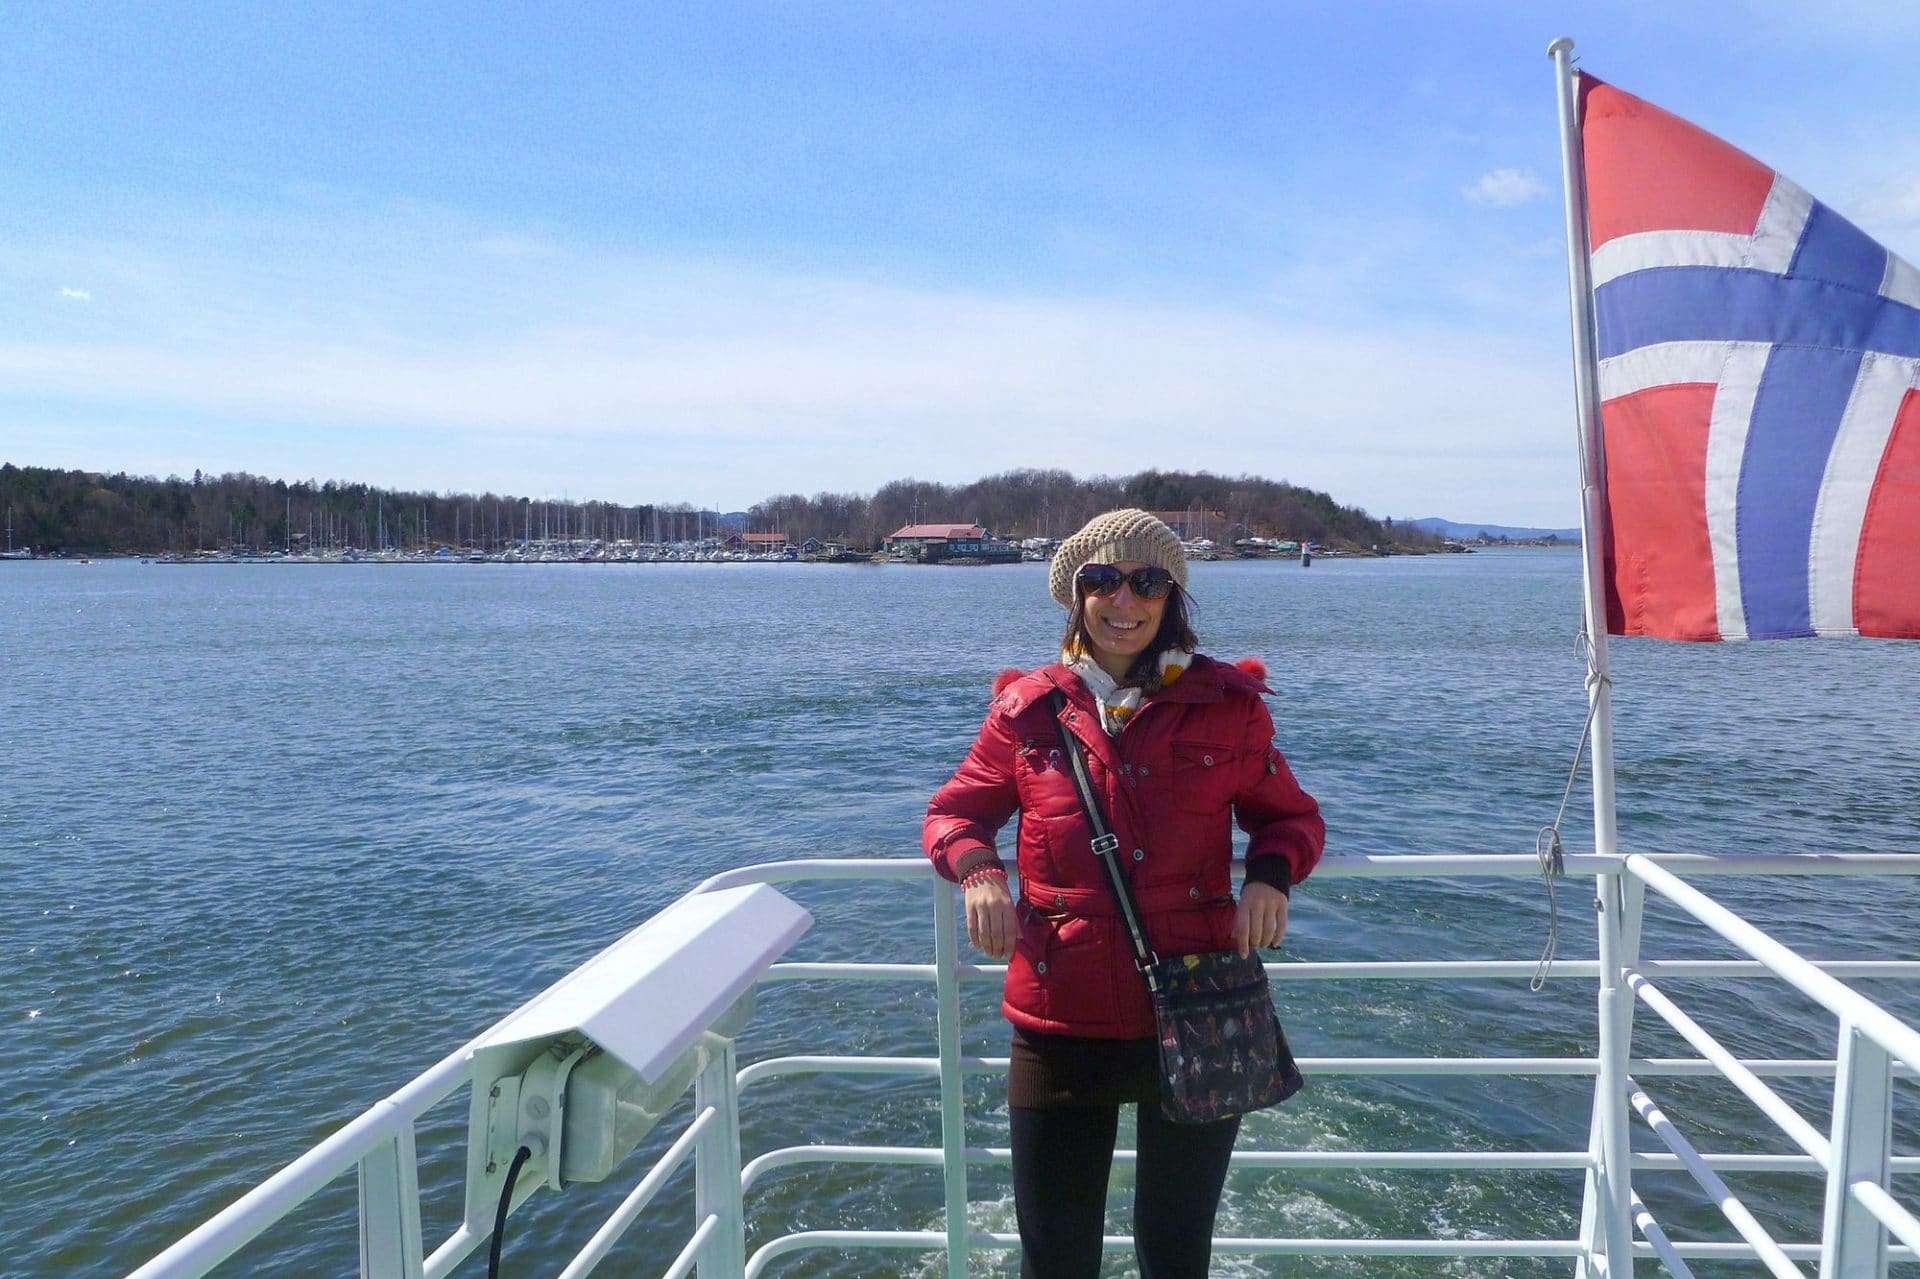 La mia minicrociera sul fiordo di Oslo a soli 10 euro!